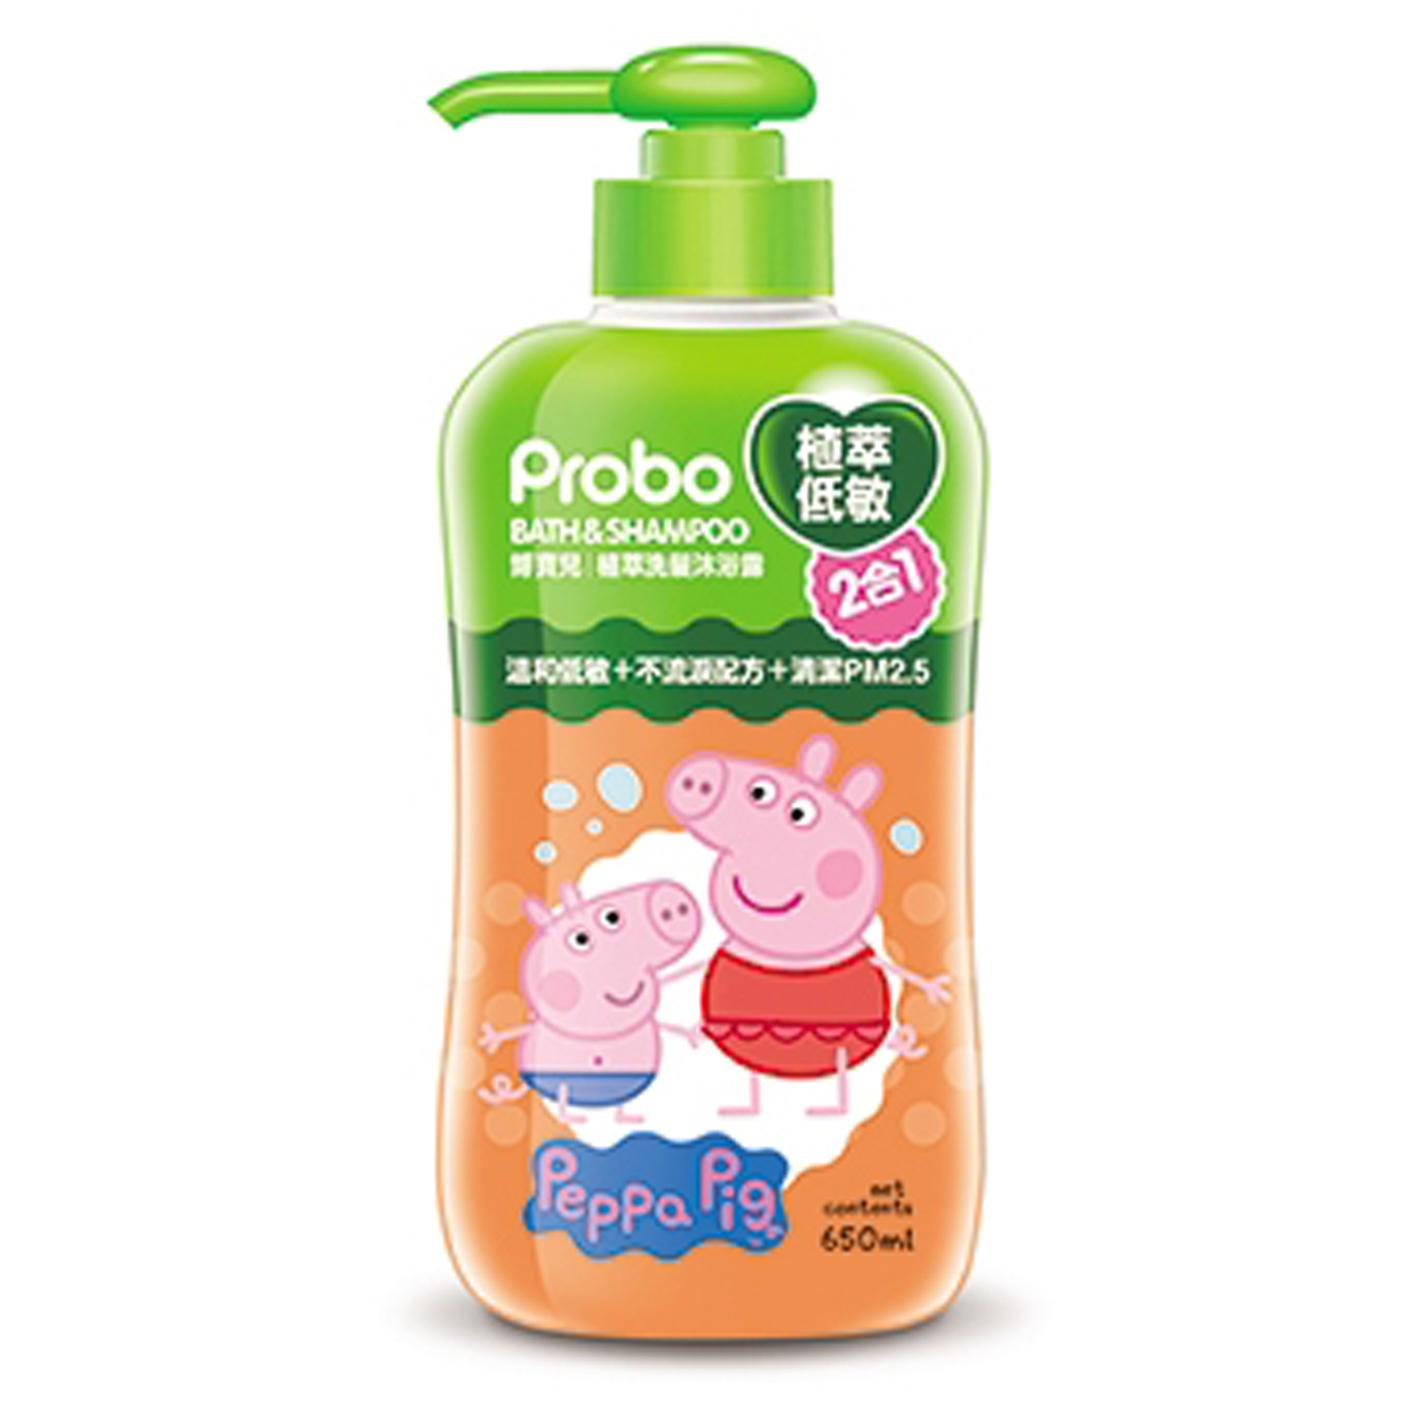 博寶兒植萃洗髮沐浴露650ml-佩佩豬